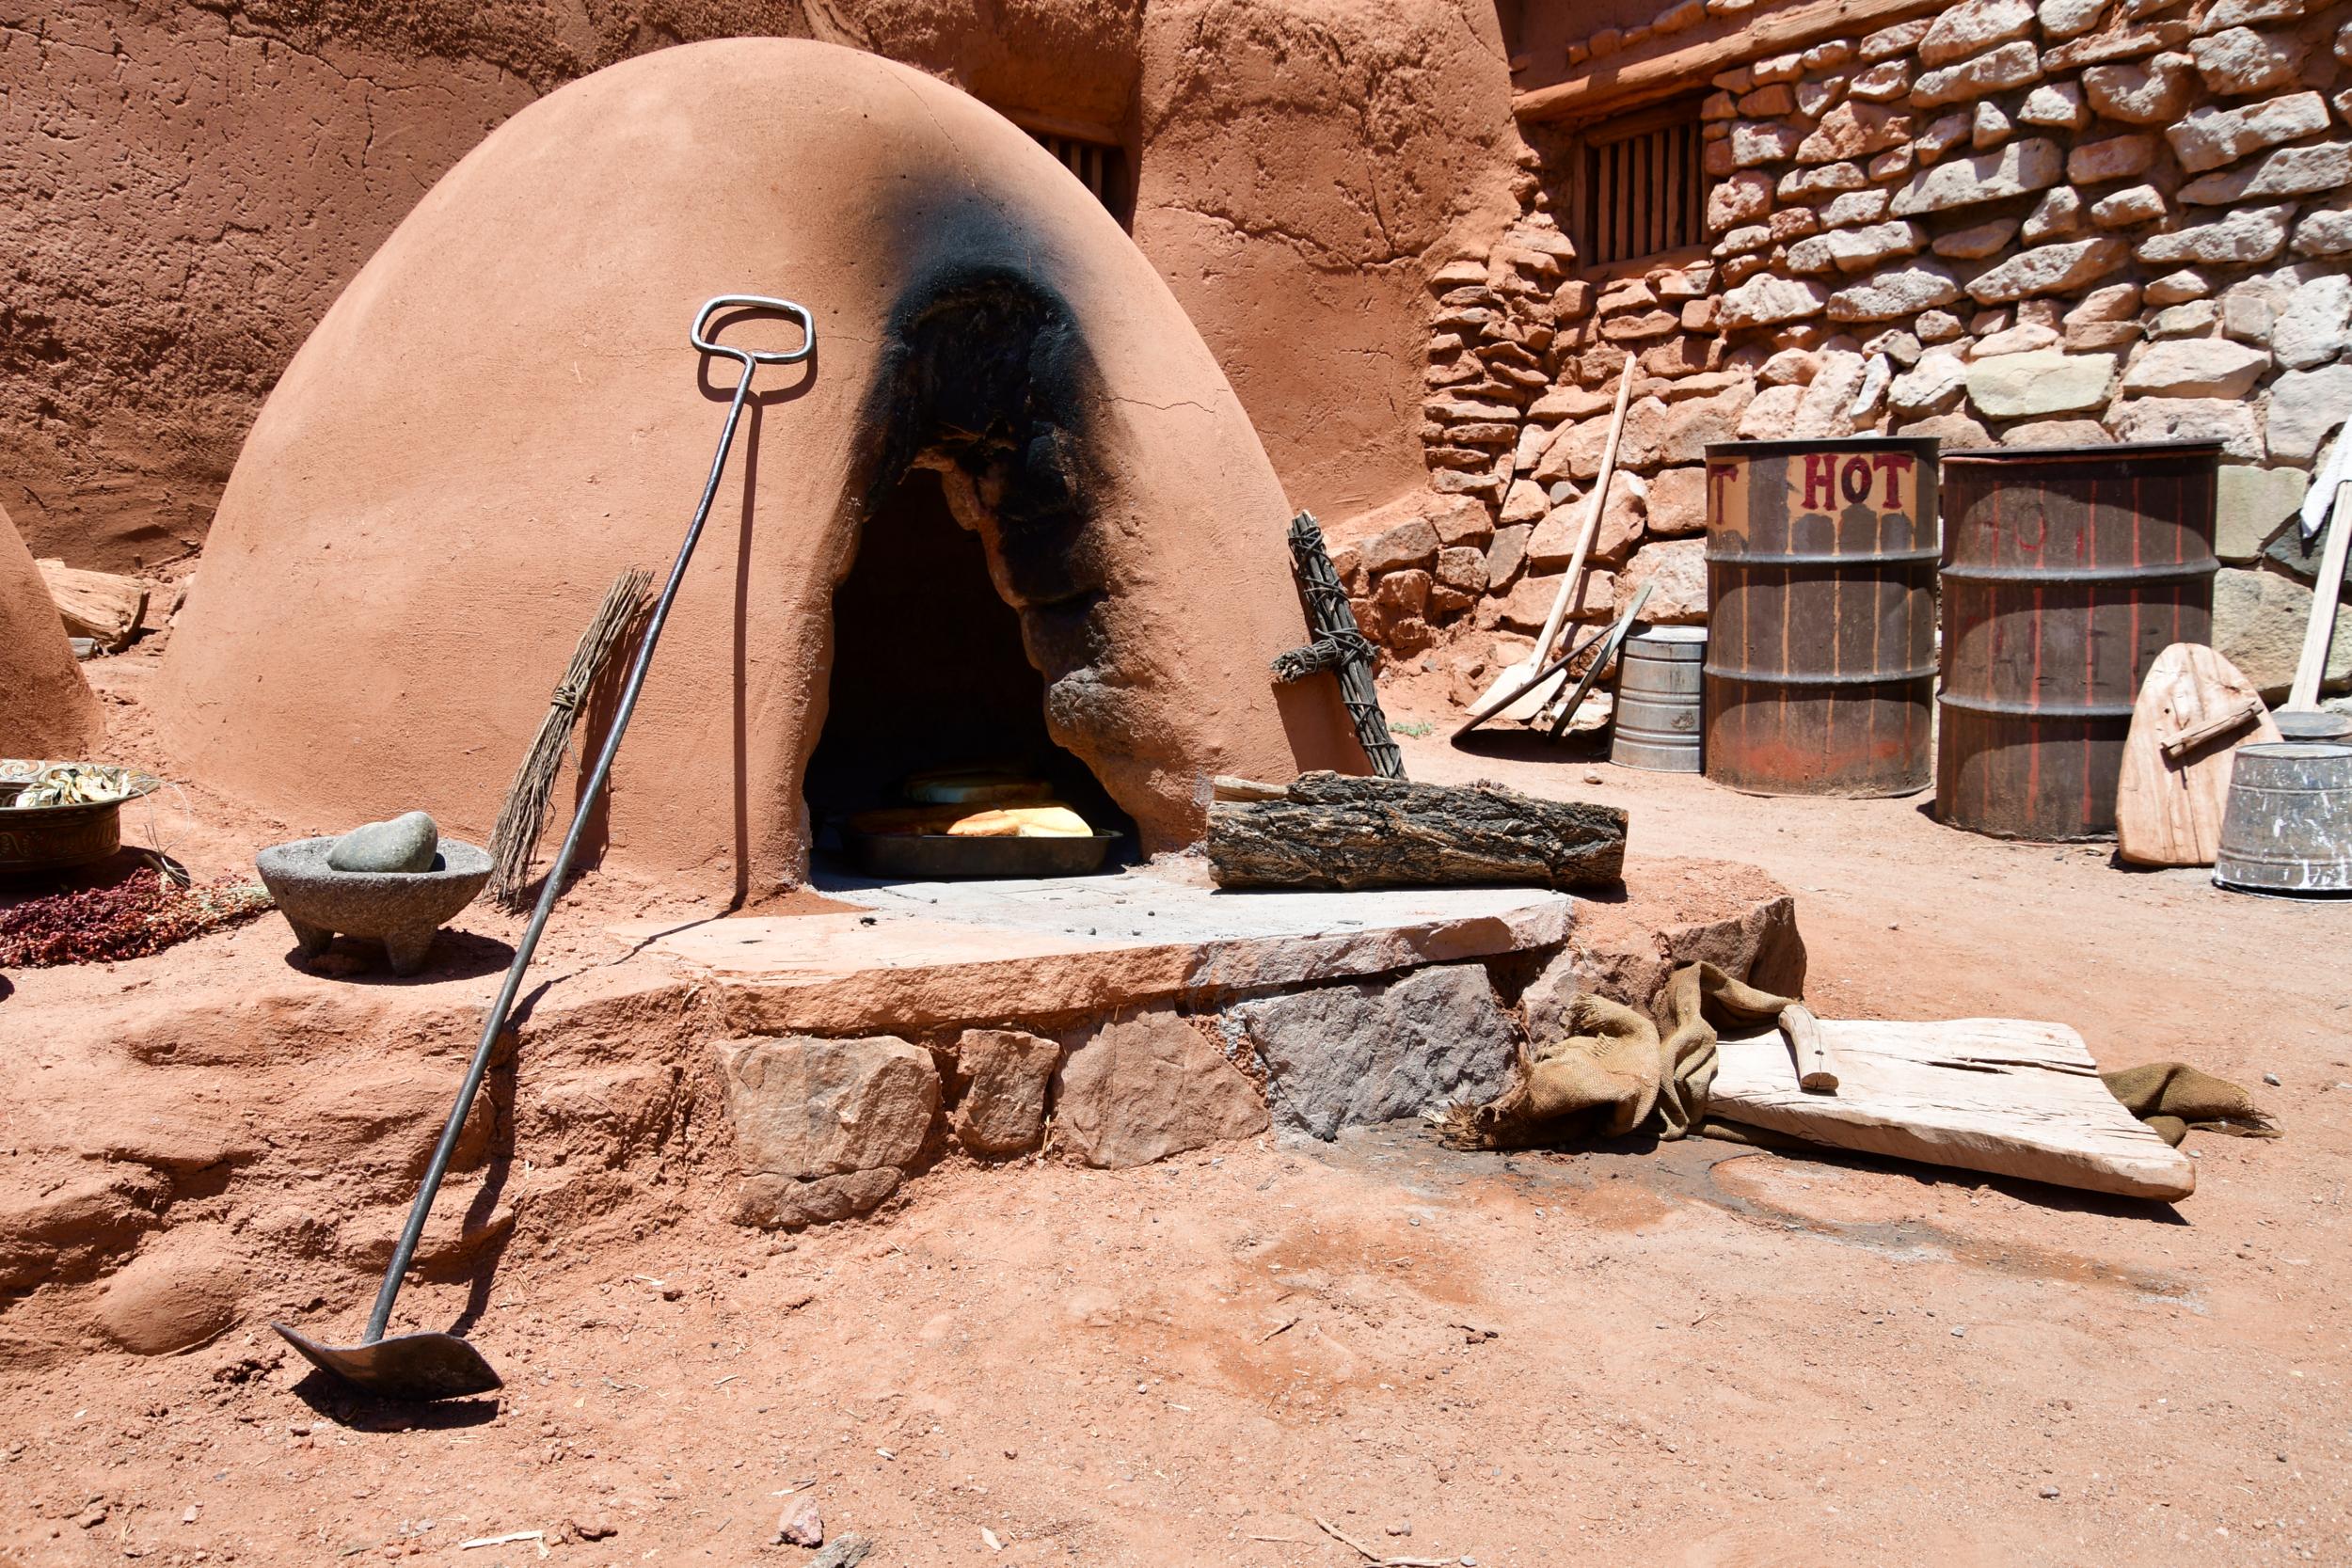 Bread Baking in the Horno at the Golondrinas Placita